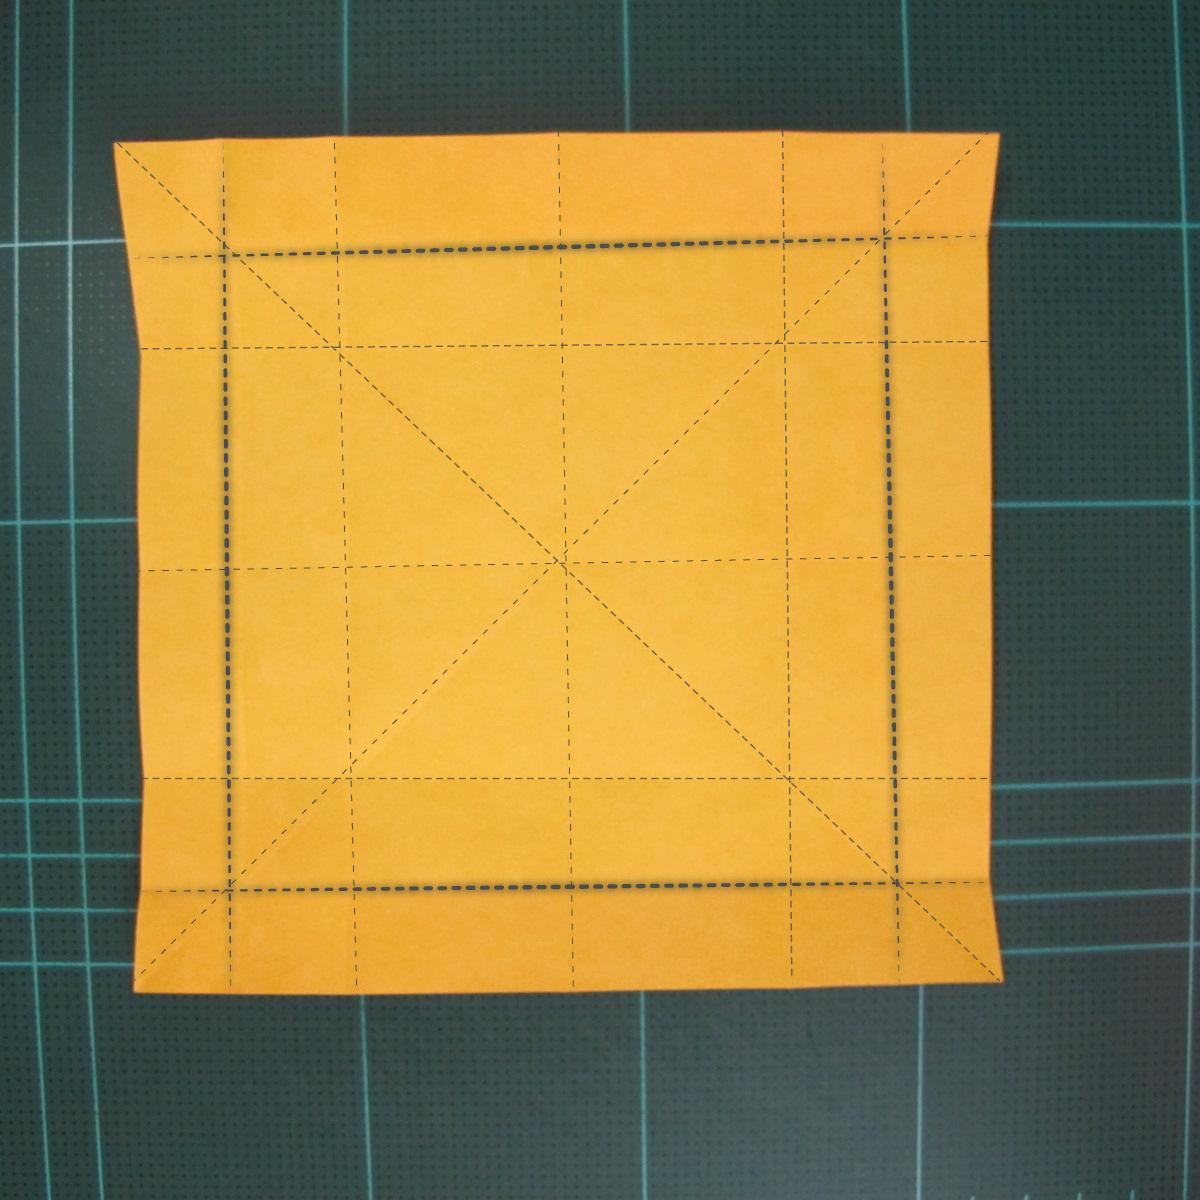 สอนวิธีพับกระดาษเป็นดอกกุหลาบ (แบบฐานกังหัน) (Origami Rose - Evi Binzinger) 004